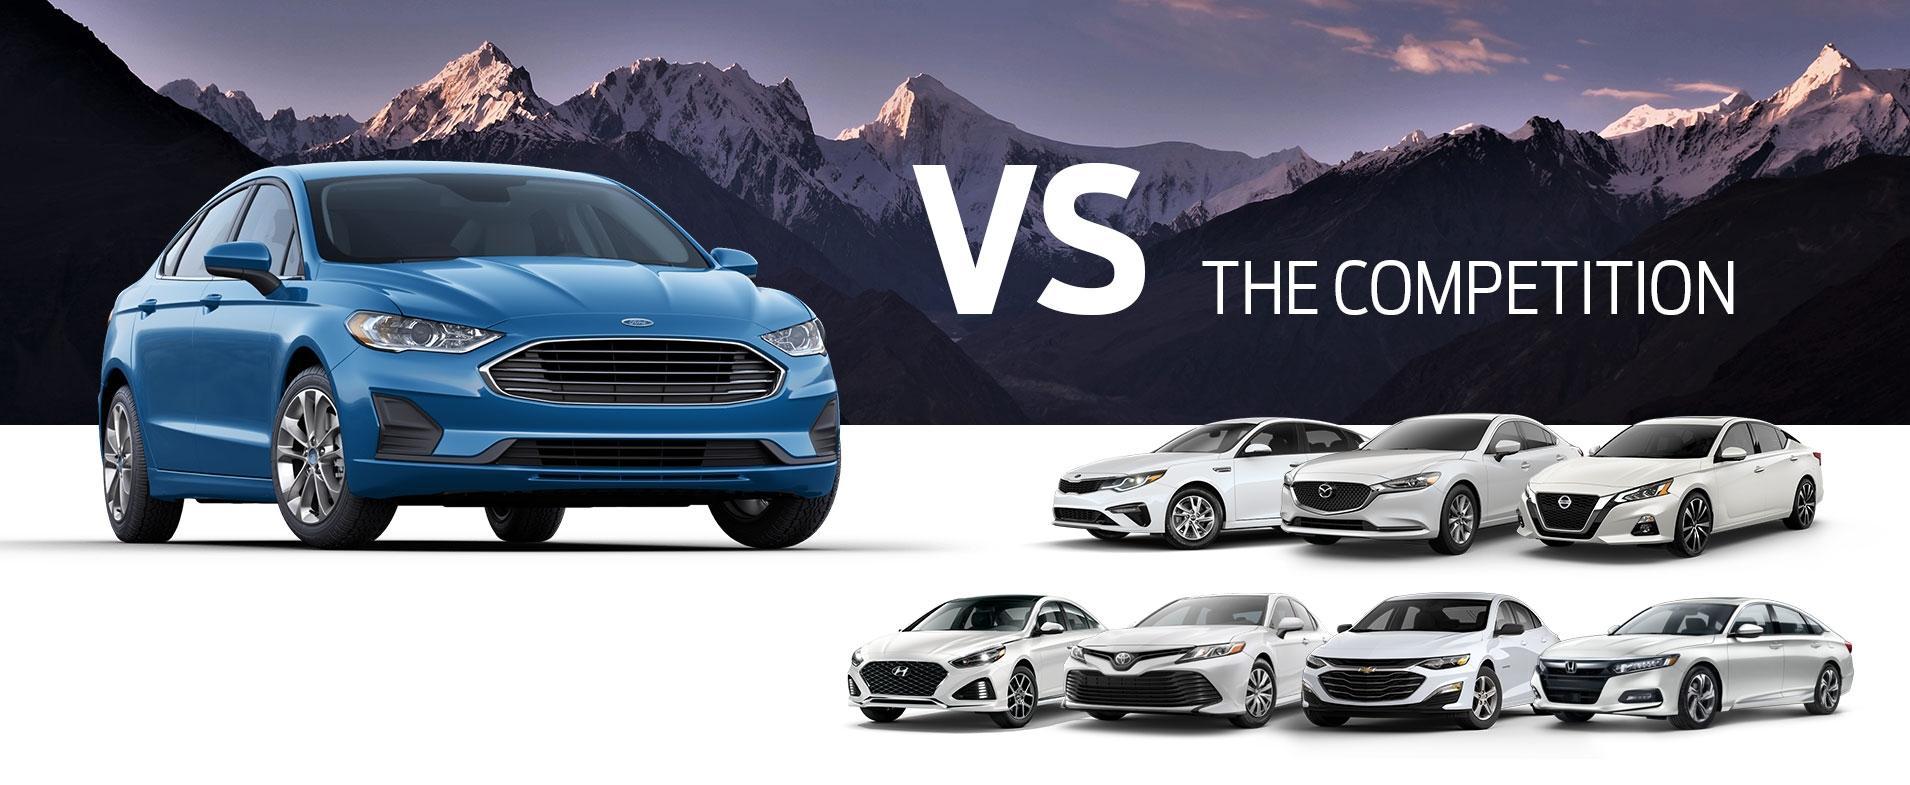 Fusion vs Competition